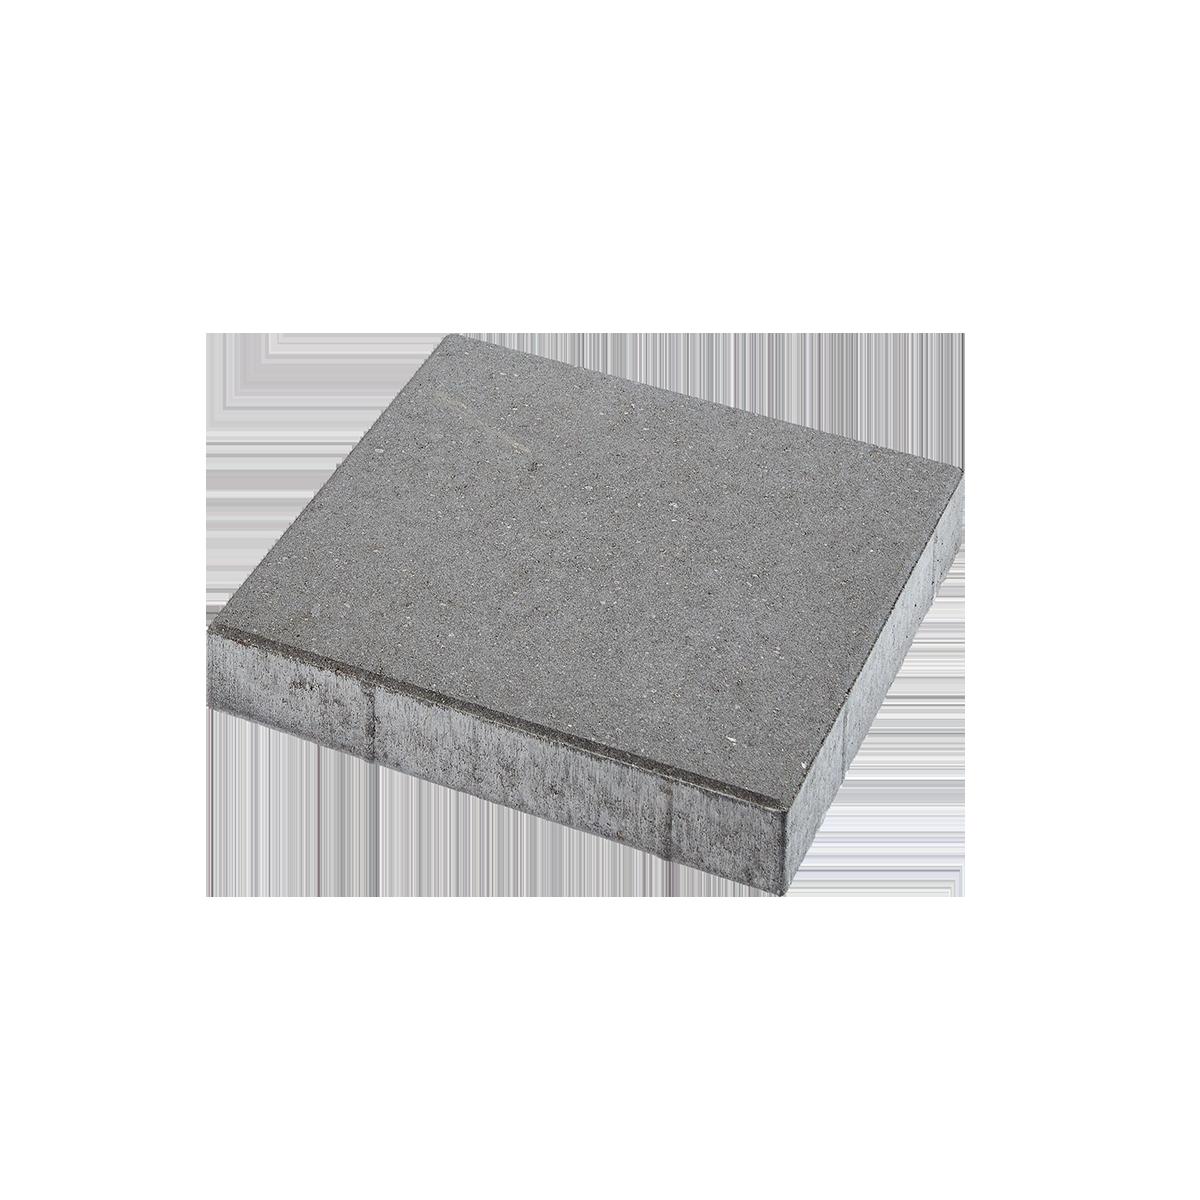 Fliser 40x40x6 cm Grå